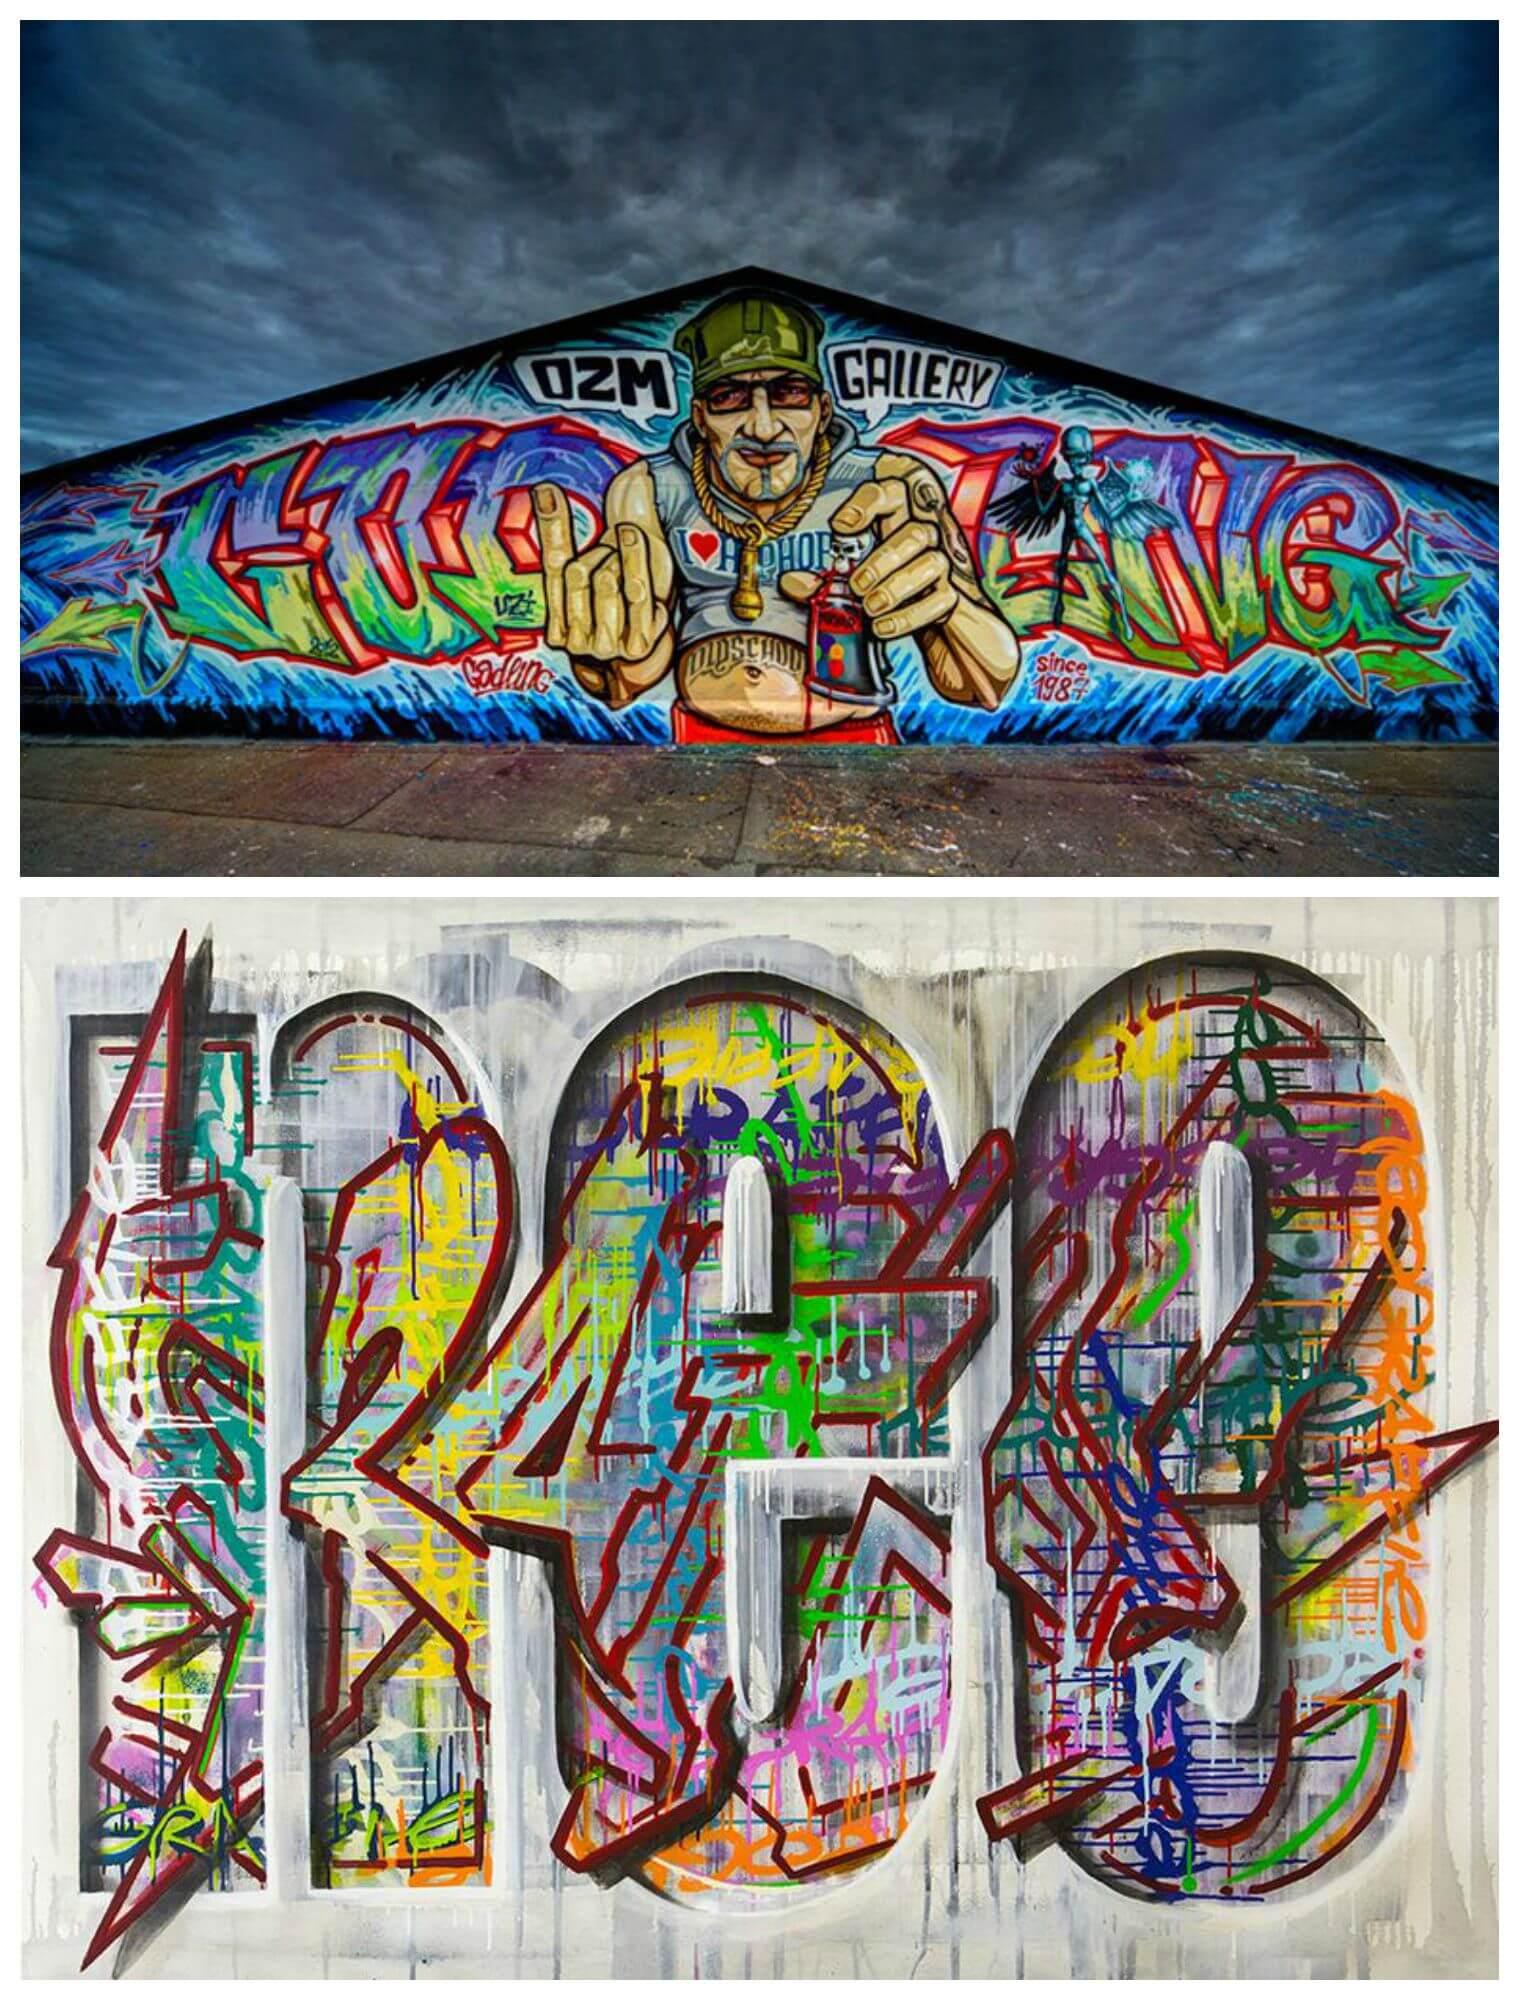 VERNISSAGE! ArtOne und Michael Godling präsentieren im OZM ihre neusten Werke in der Austellung »Neograffie«! Wer sich also von euch für Street Art, Graffiti und moderne Kunst interessiert, der ist hier heute richtig! Bis zum 3. Oktober 2015 ist die Ausstellung noch am Start!